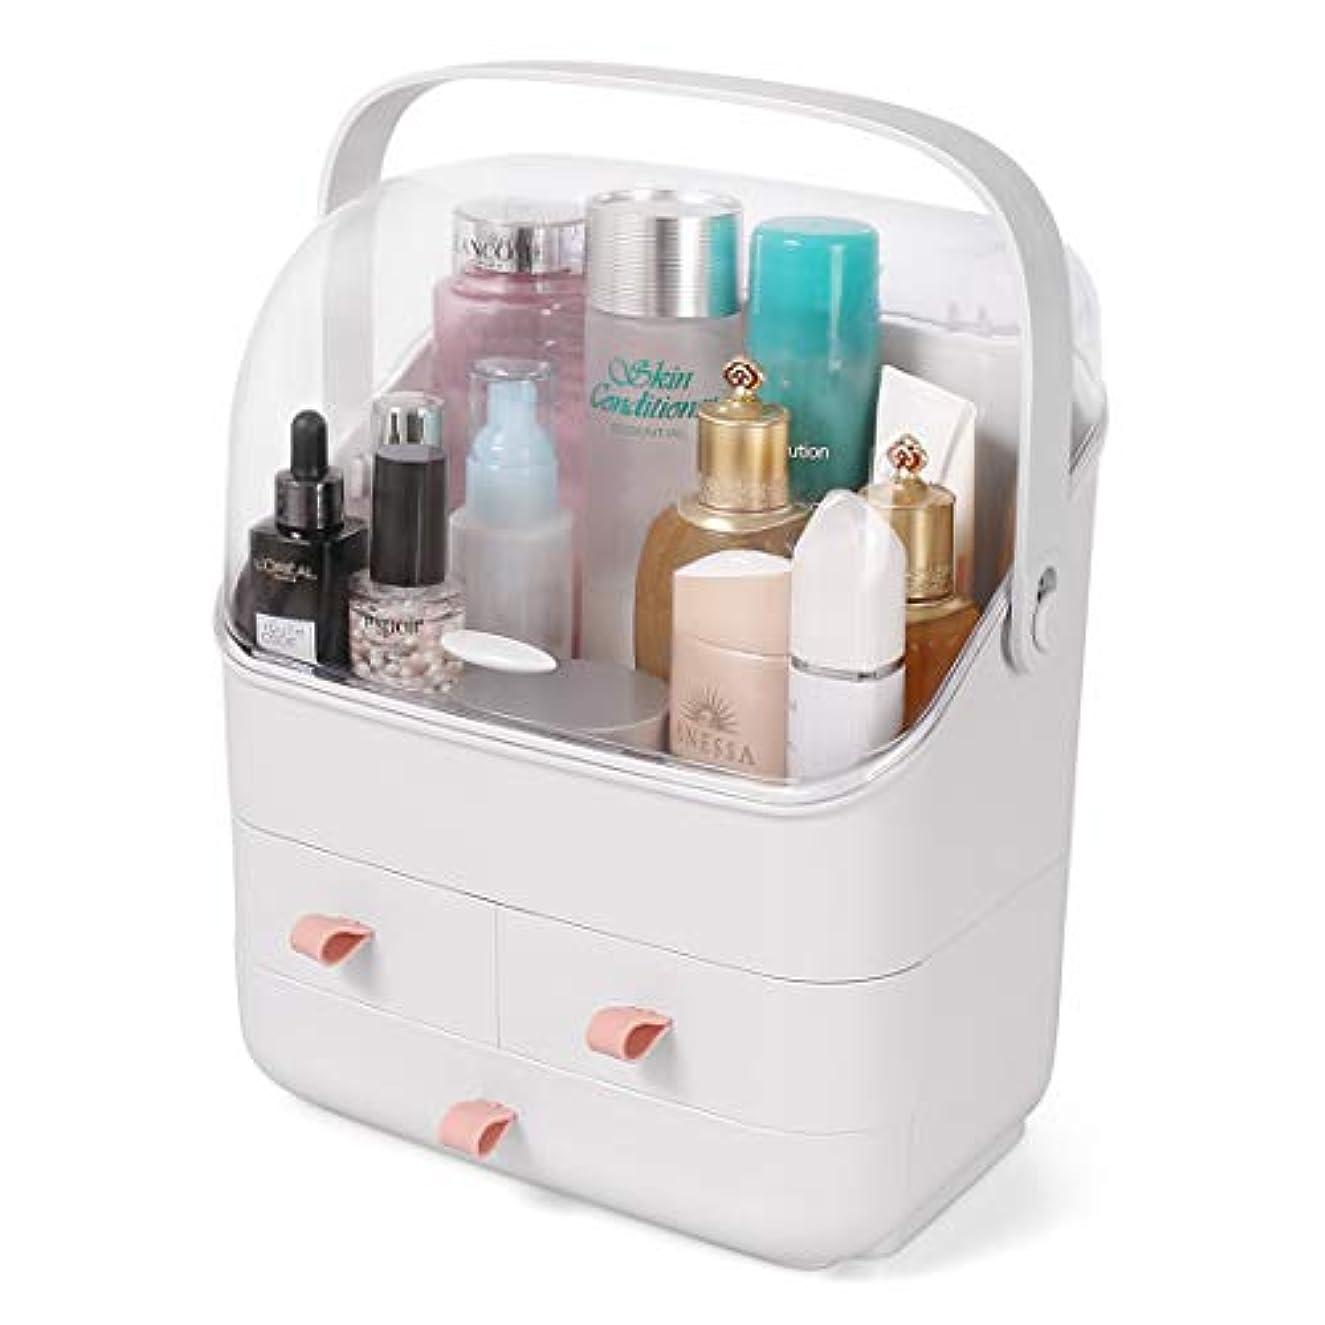 鰐消すゴールドHaturi メイクボックス 大容量 化粧品収納ボックス 防塵 防水 蓋付き 引き出し式 収納用 寝室 浴室 洗面所 全開式カバー 180°回転でき